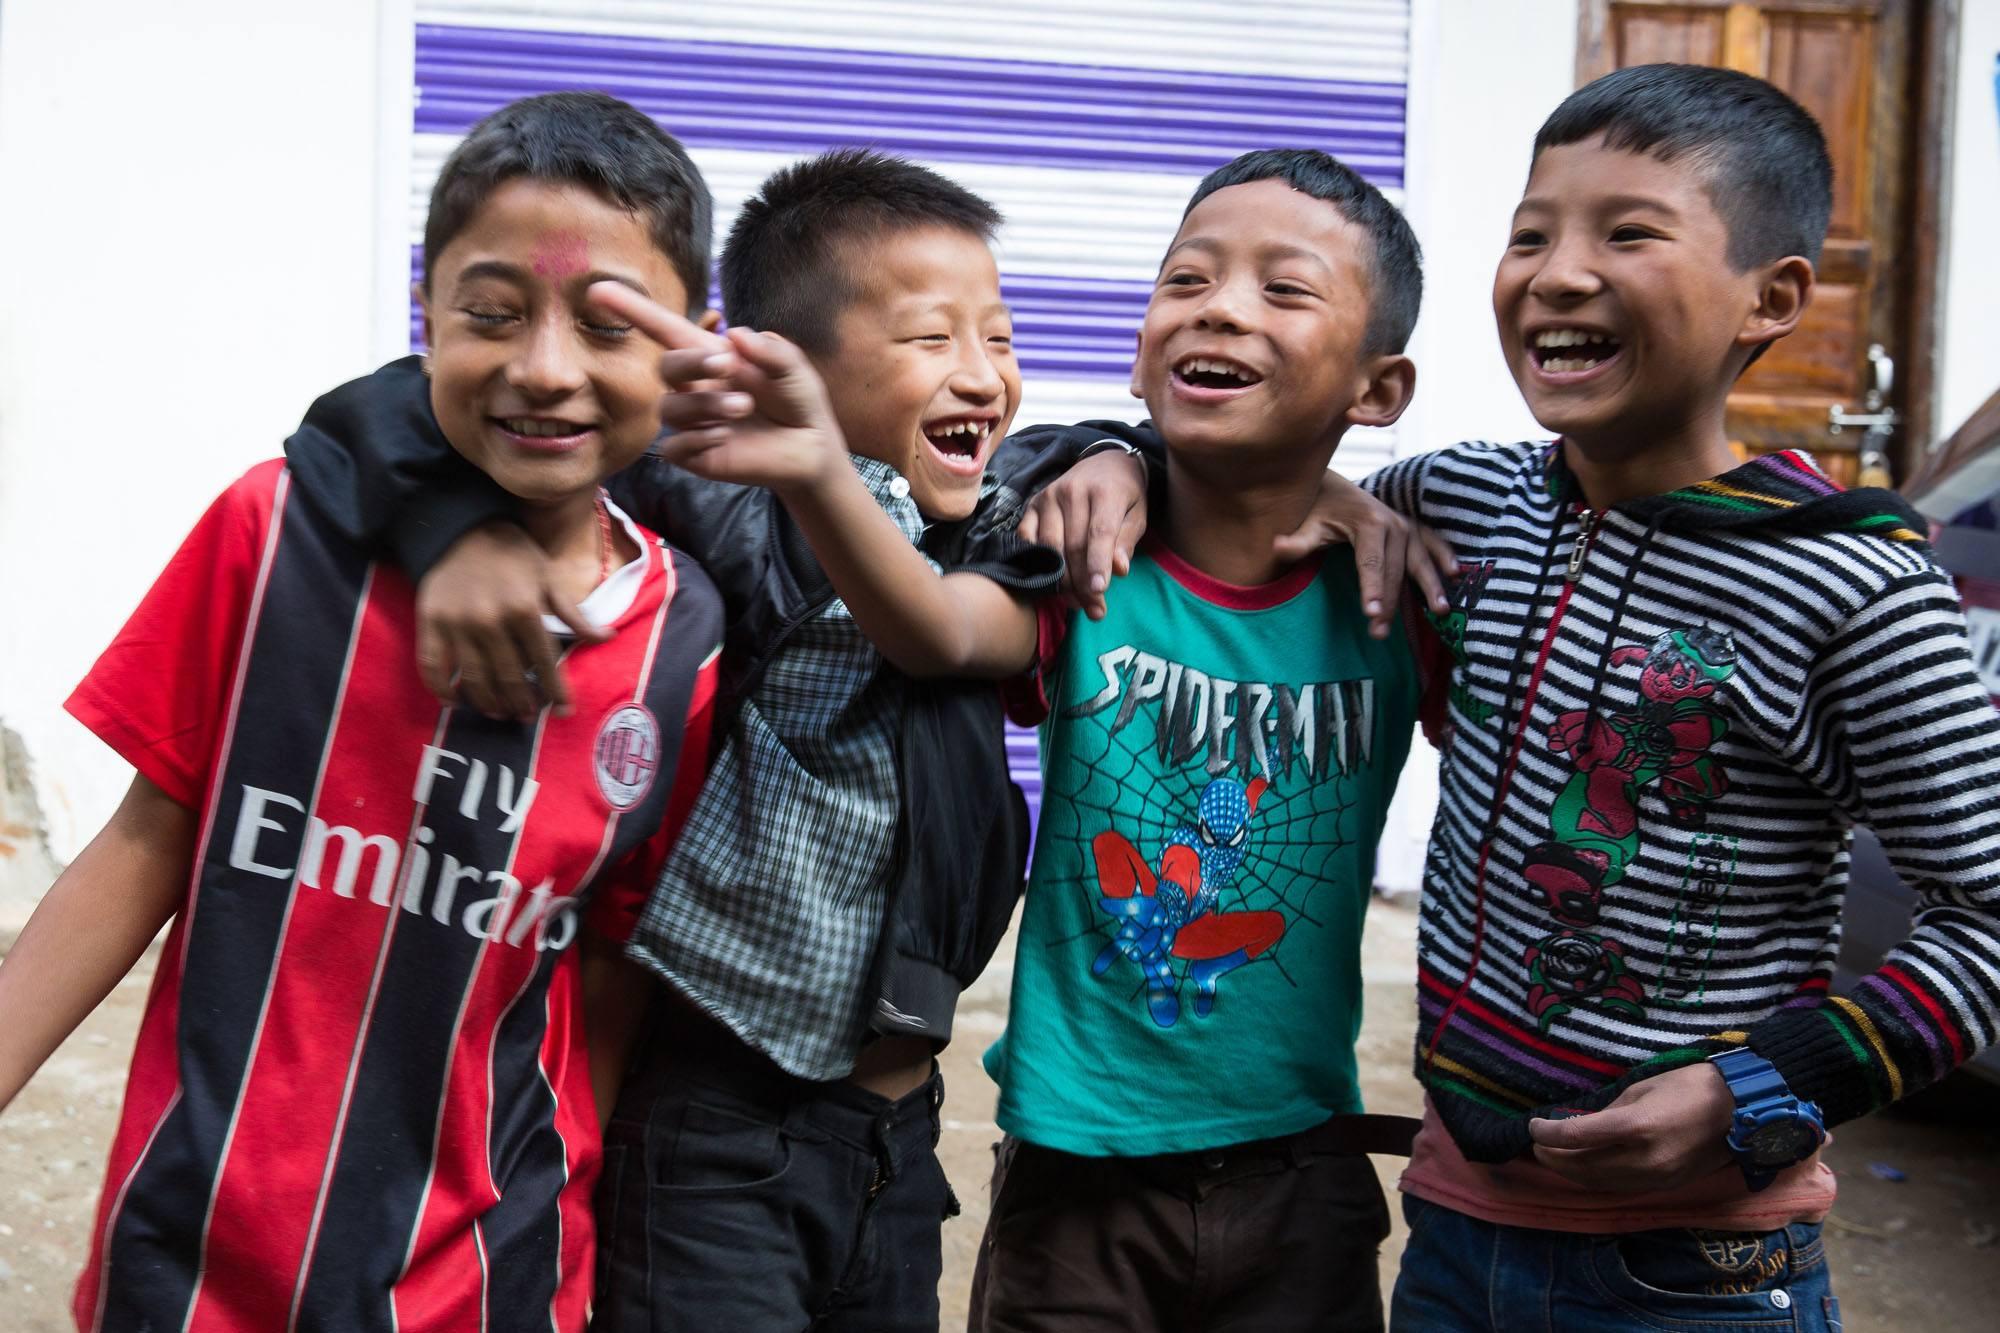 Darjeeling Kids